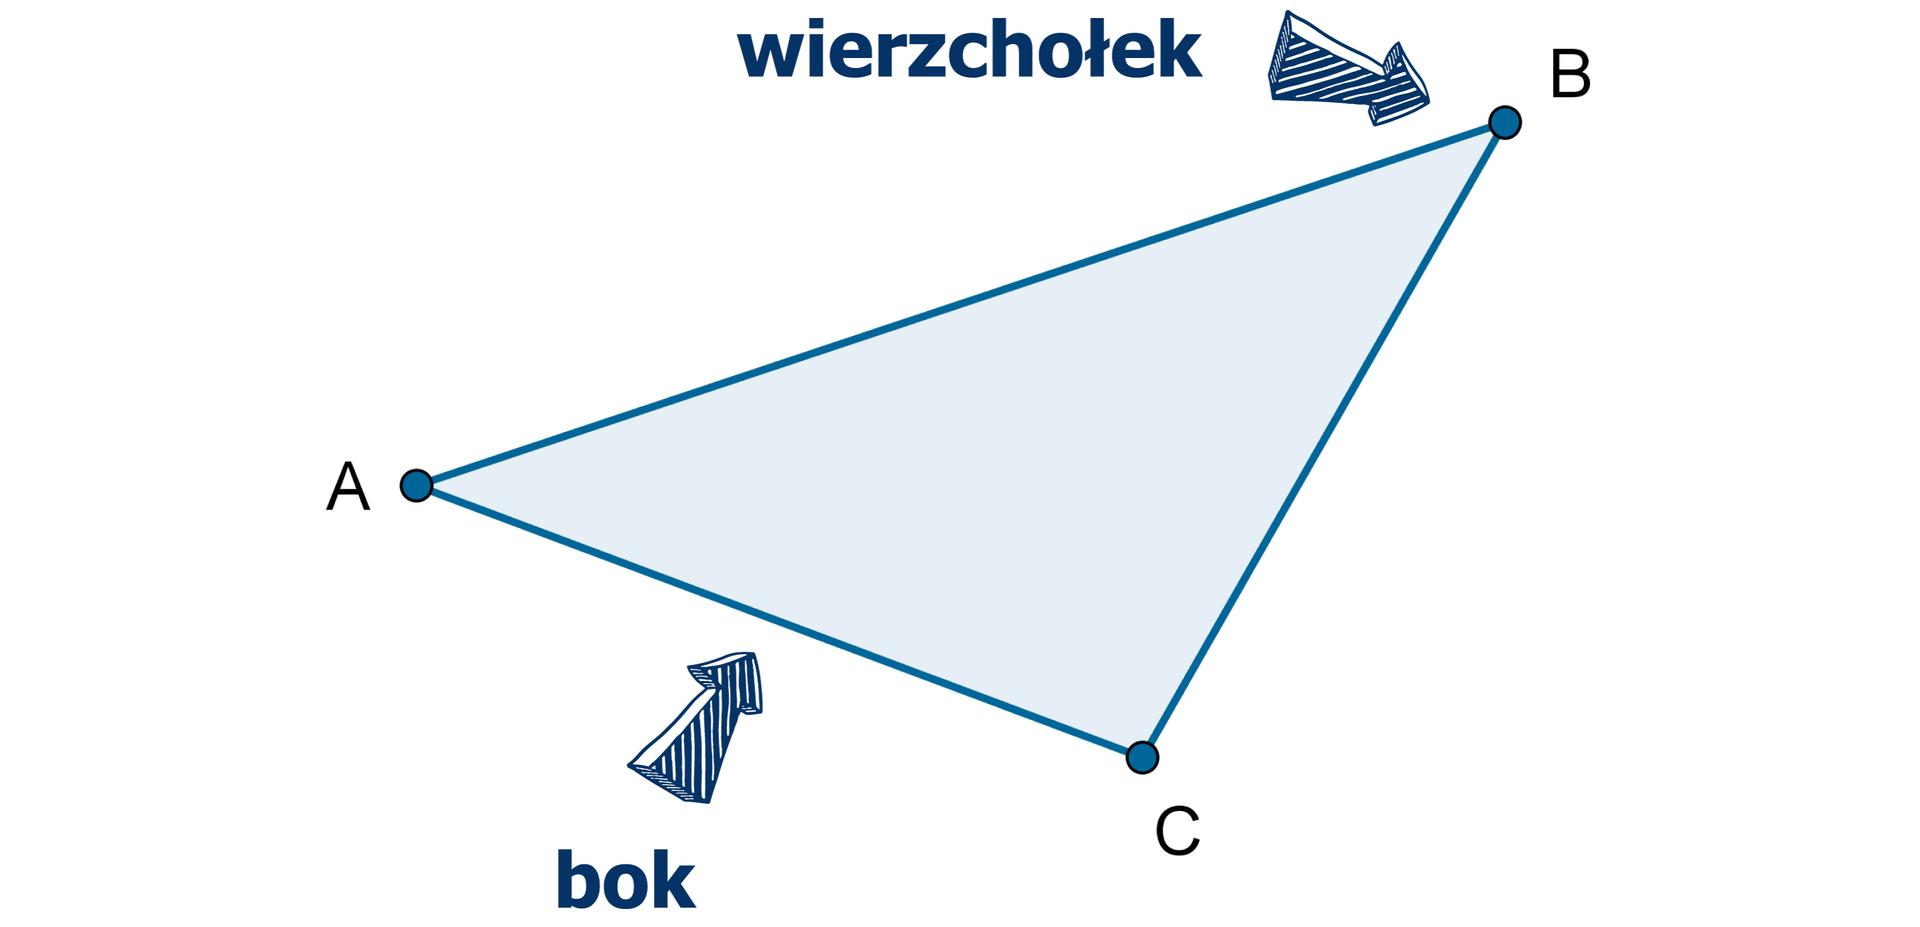 Rysunek trójkąta owierzchołkach ABC. Wskazany jest wierzchołek ibok trójkąta.